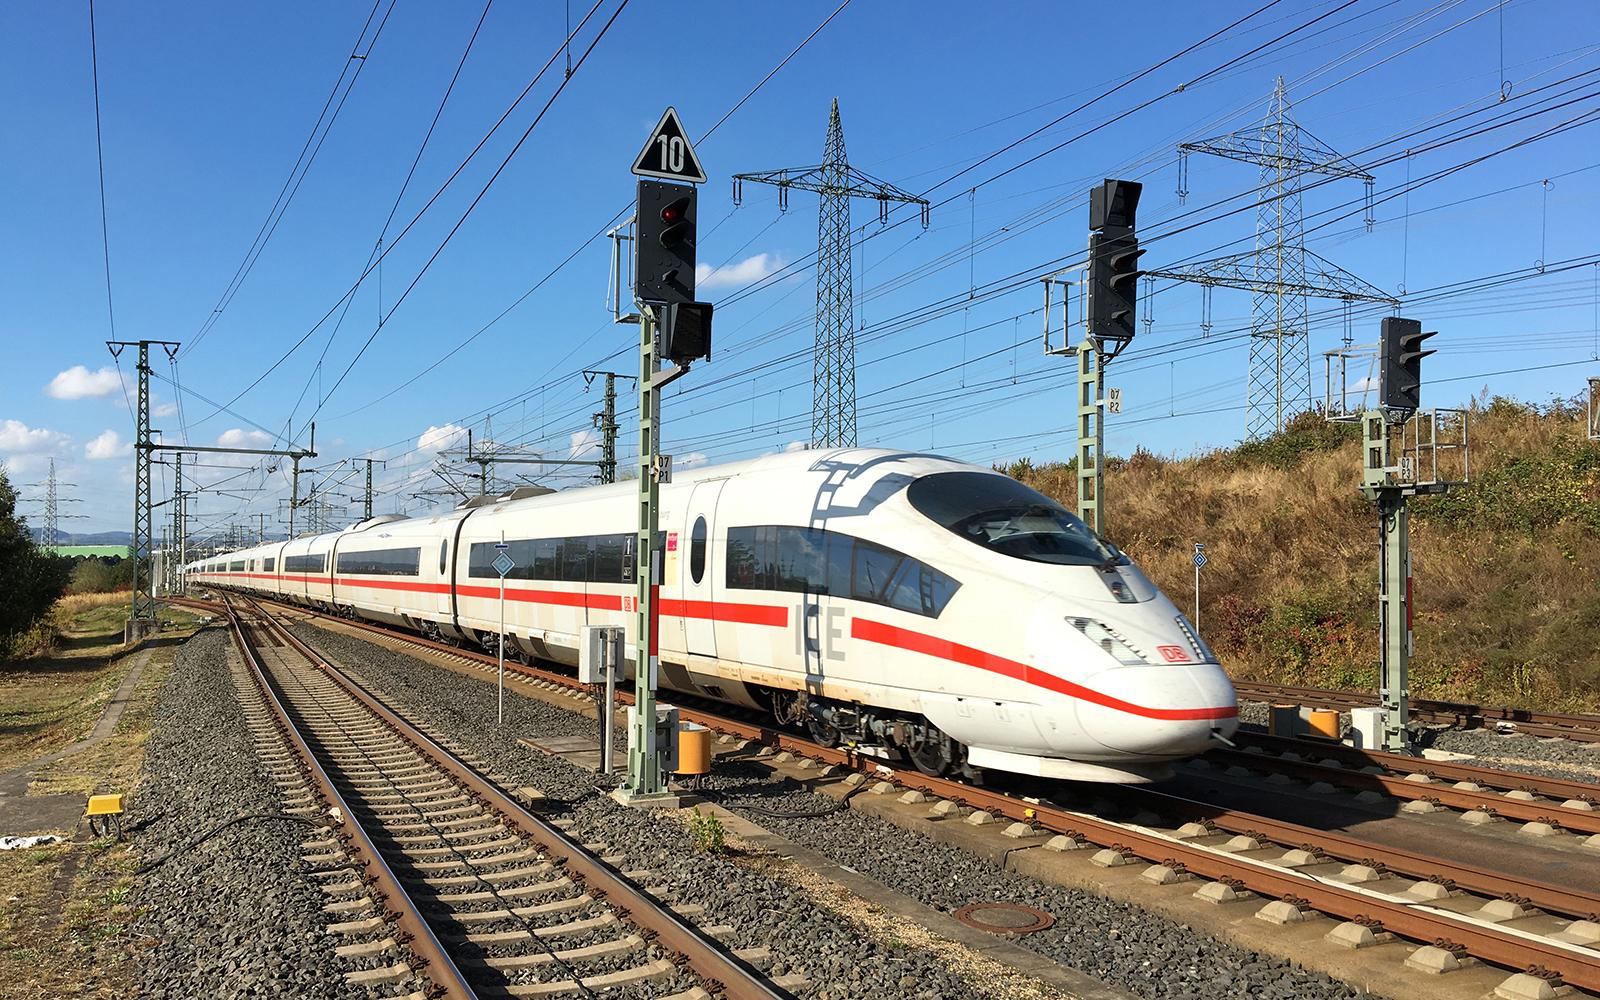 Foto: Mit 300 km/h durchfährt der ICE Sprinter den Bahnhof Limburg/Süd. Bei dem ICE handelt es sich um ein ICE 3, welche unter anderem in Halle (Saale) im Werk des Waggonbau Ammendorf gebaut wurden. Zugelassen sind die 8000 kW starken Züge für 330 km/h und fahren in Deutschland, Niederlande, Belgien und Frankreich. Eine der Stammstrecken ist die Hochgeschwindigkeitsstrecke von Frankfurt nach Köln. Text und Foto: railmen-Lokführer Jan Krehl